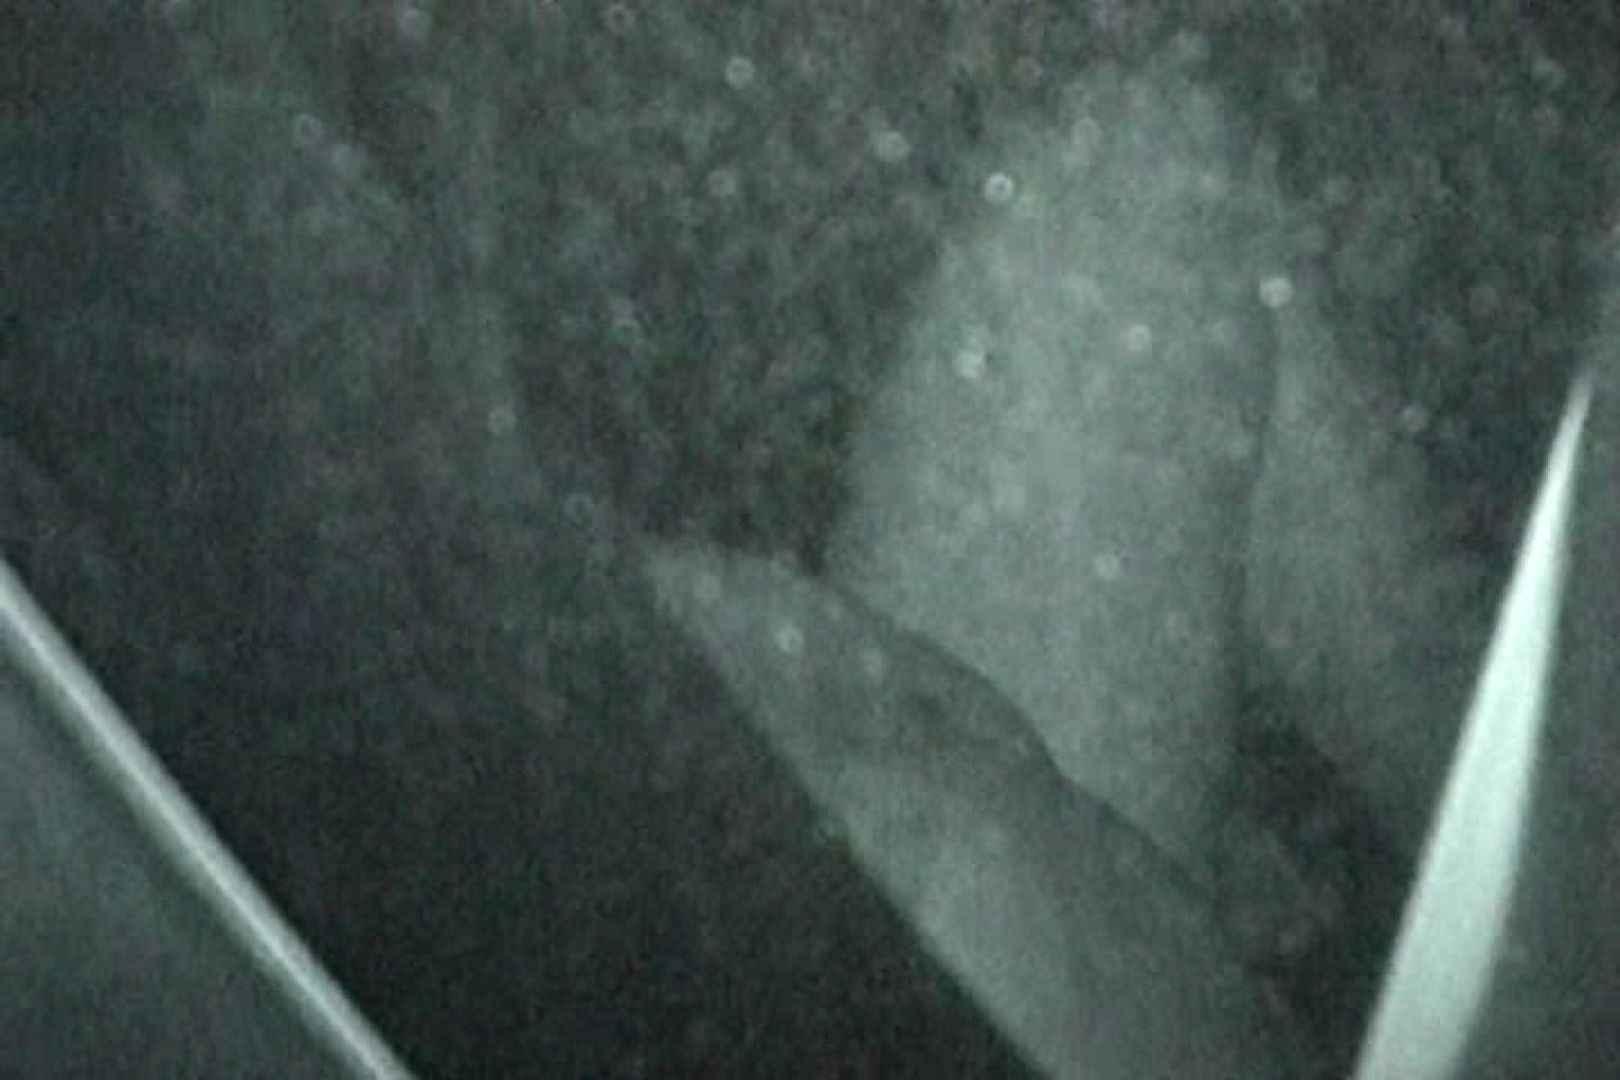 充血監督の深夜の運動会Vol.146 カップルのセックス エロ画像 94PIX 80